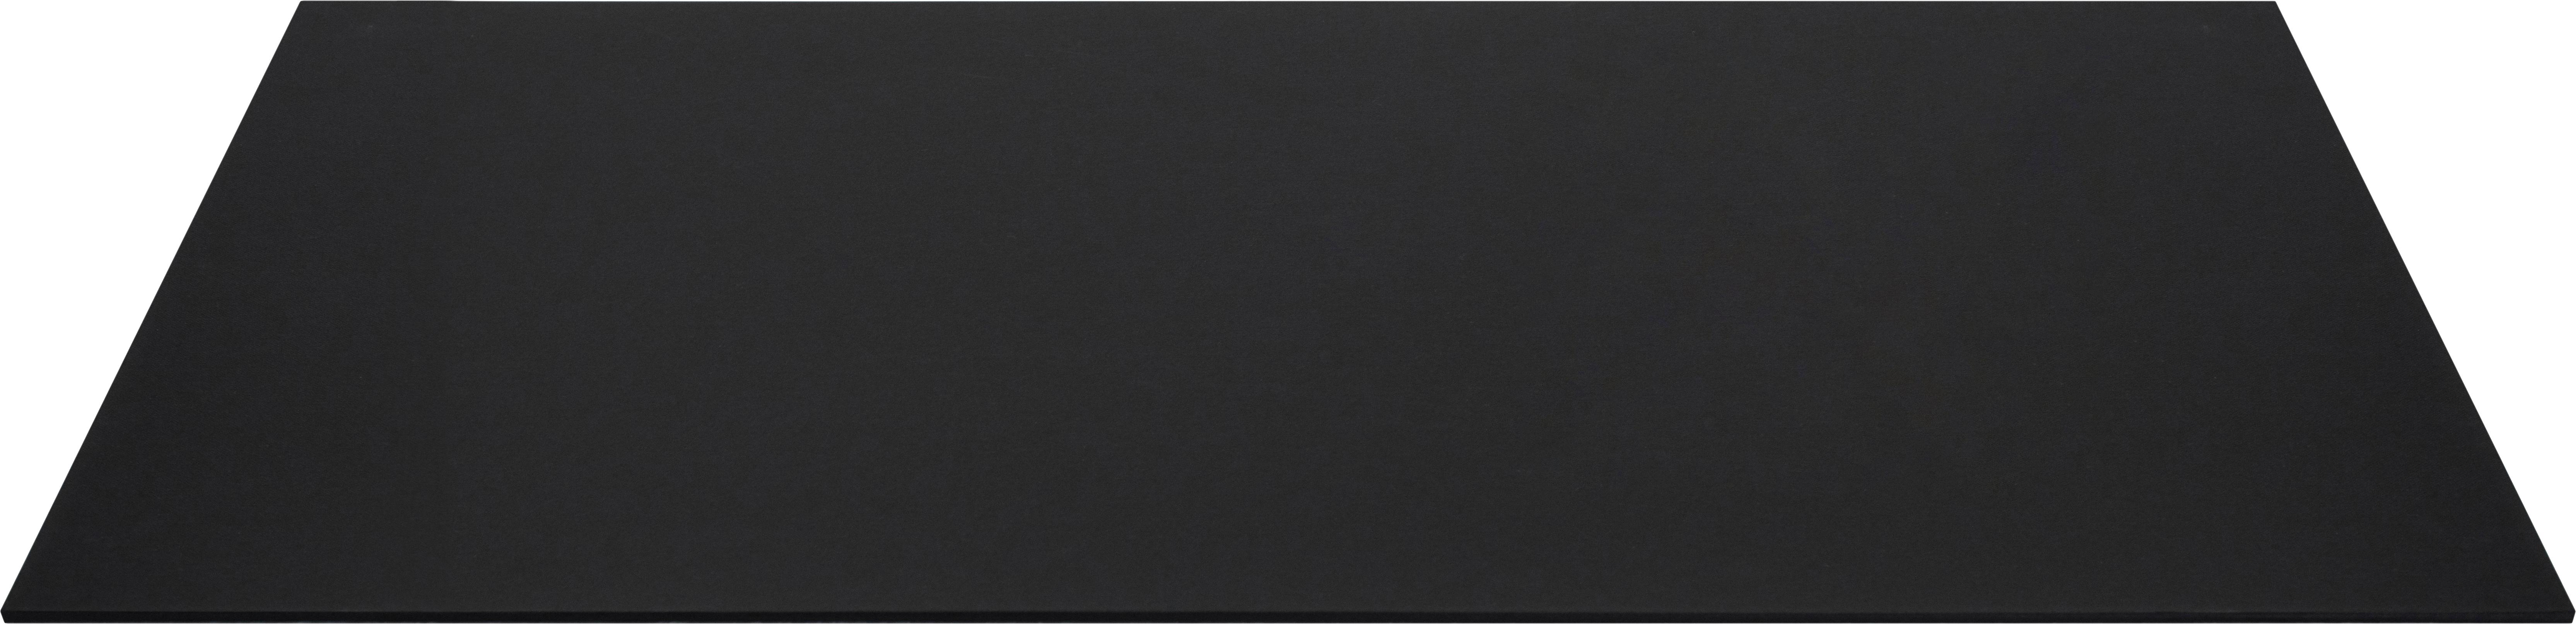 Podkładka na biurko Annie, Tektura laminowana, Czarny, S 59 x G 39 cm